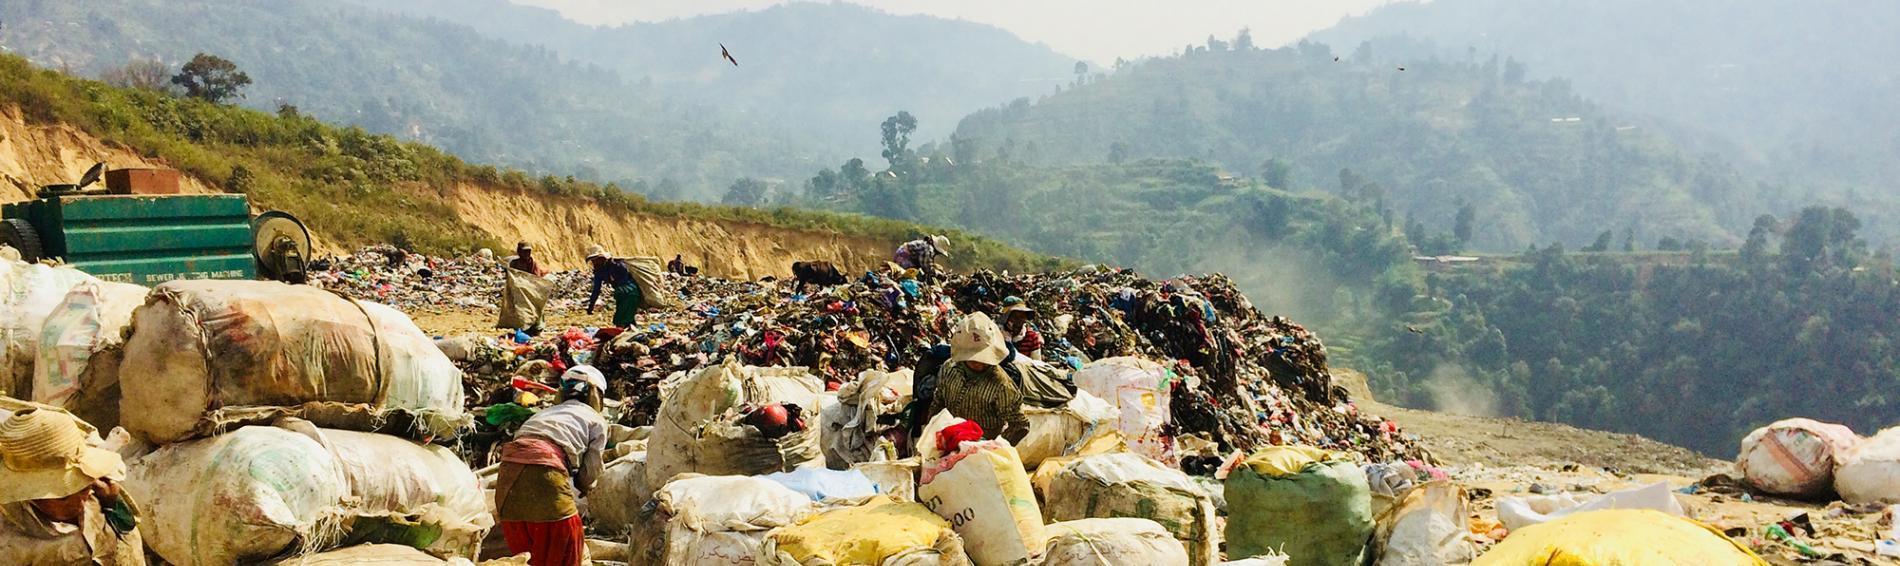 Viele Menschen leben vom Müllsammeln und -sortieren und riskieren dabei ihre Gesundheit. Foto: Ärzte der Welt